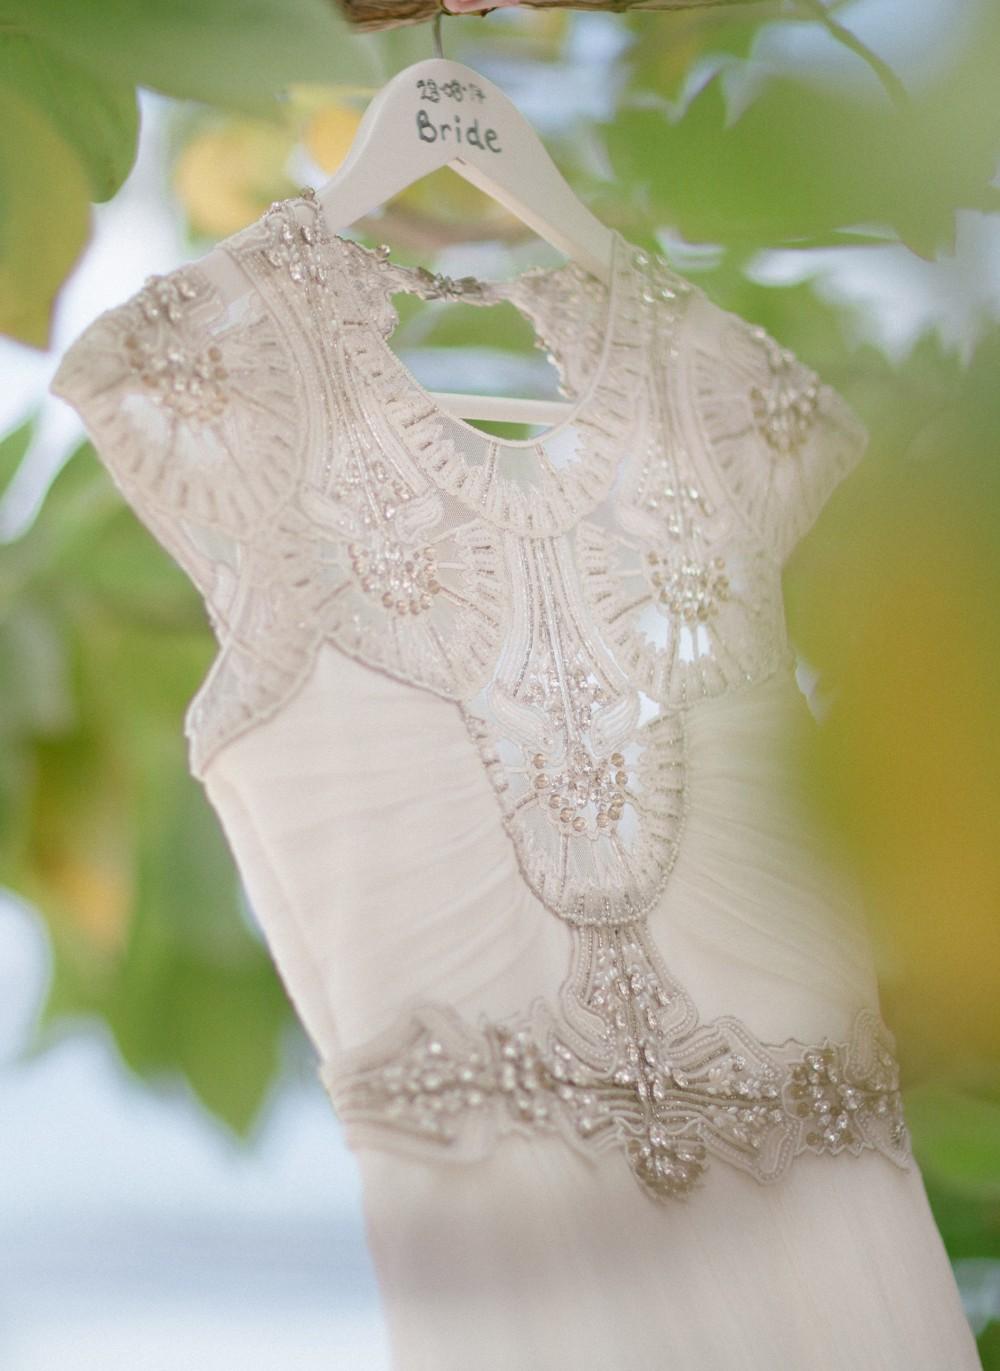 Gwendolynne hope second hand wedding dress on sale 36 off for Second hand wedding dresses san diego